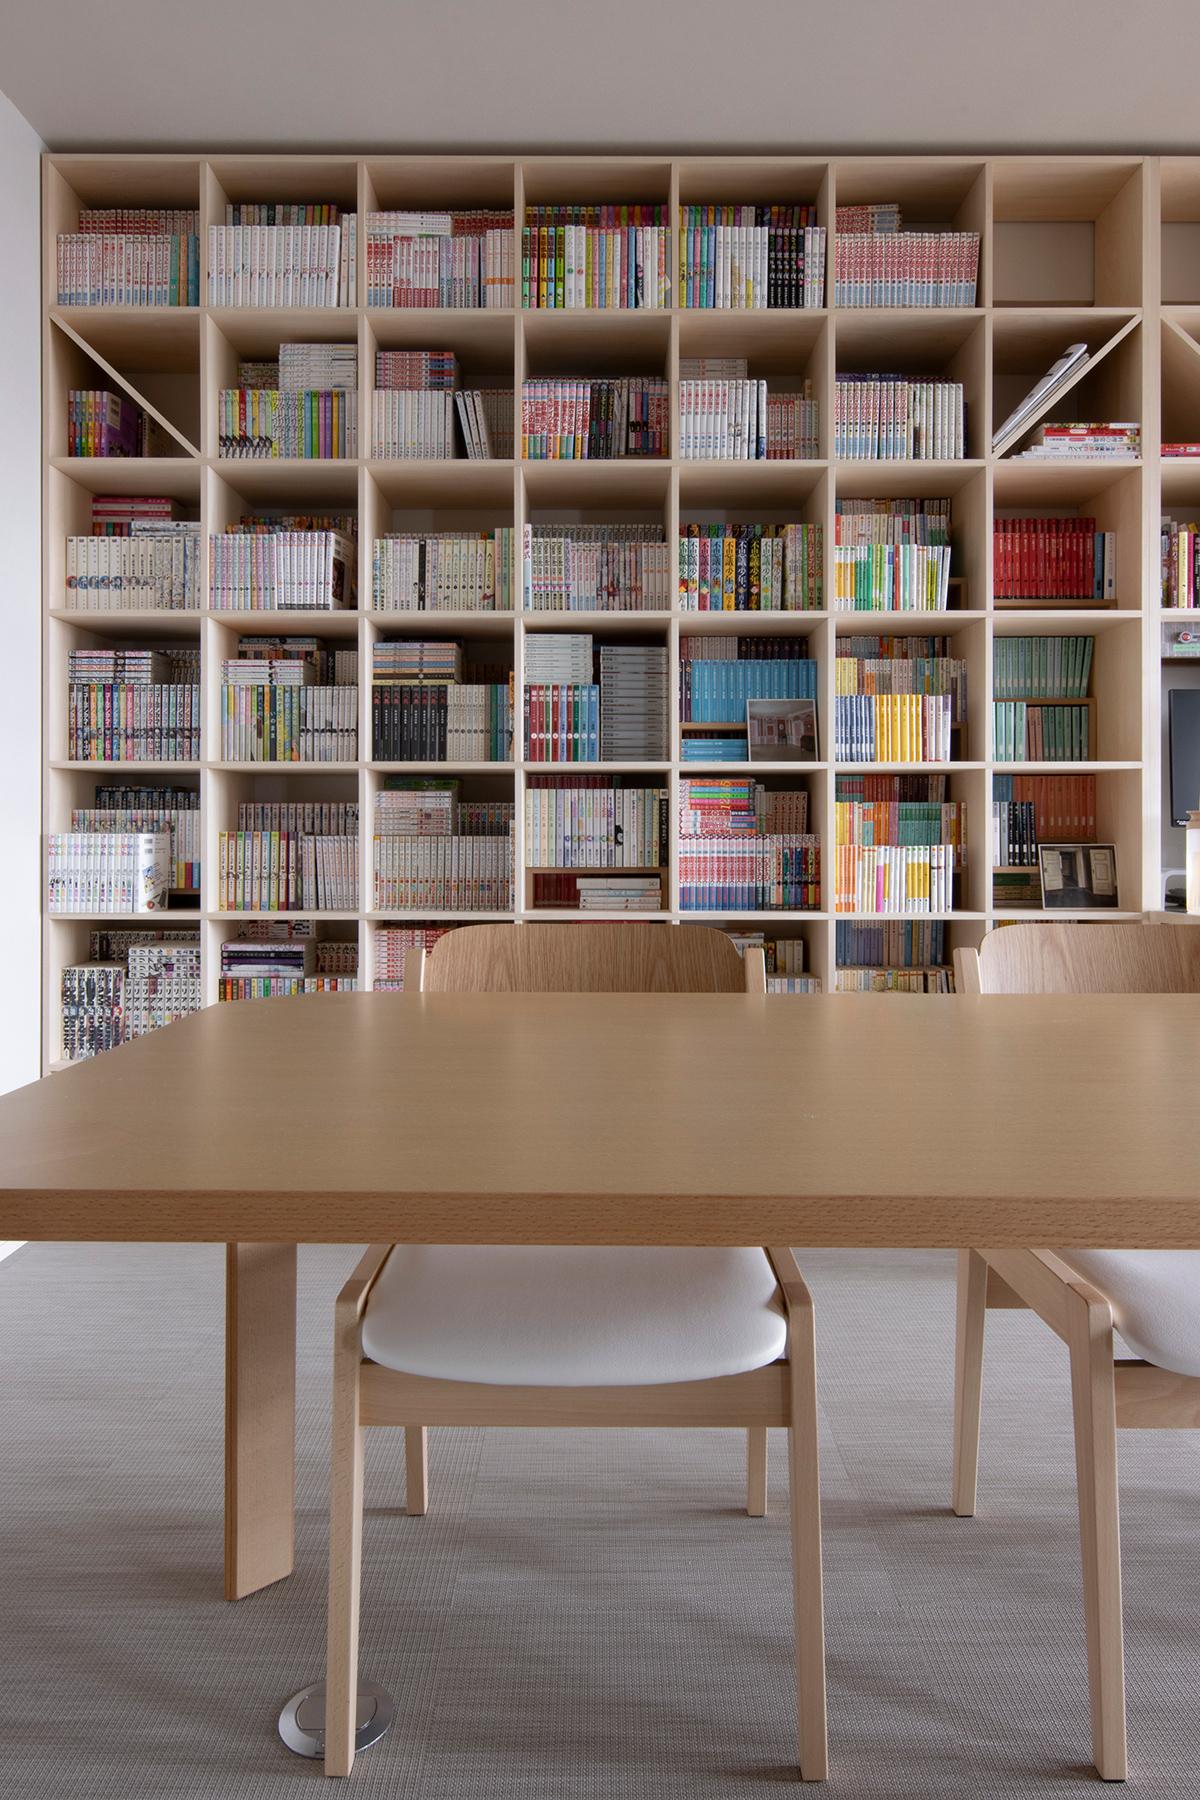 カウンター付、開口部付を織り交ぜながら広いリビングの壁一面を | 壁一面の本棚 奥行350mm / Shelf (No.125) | マルゲリータ使用例